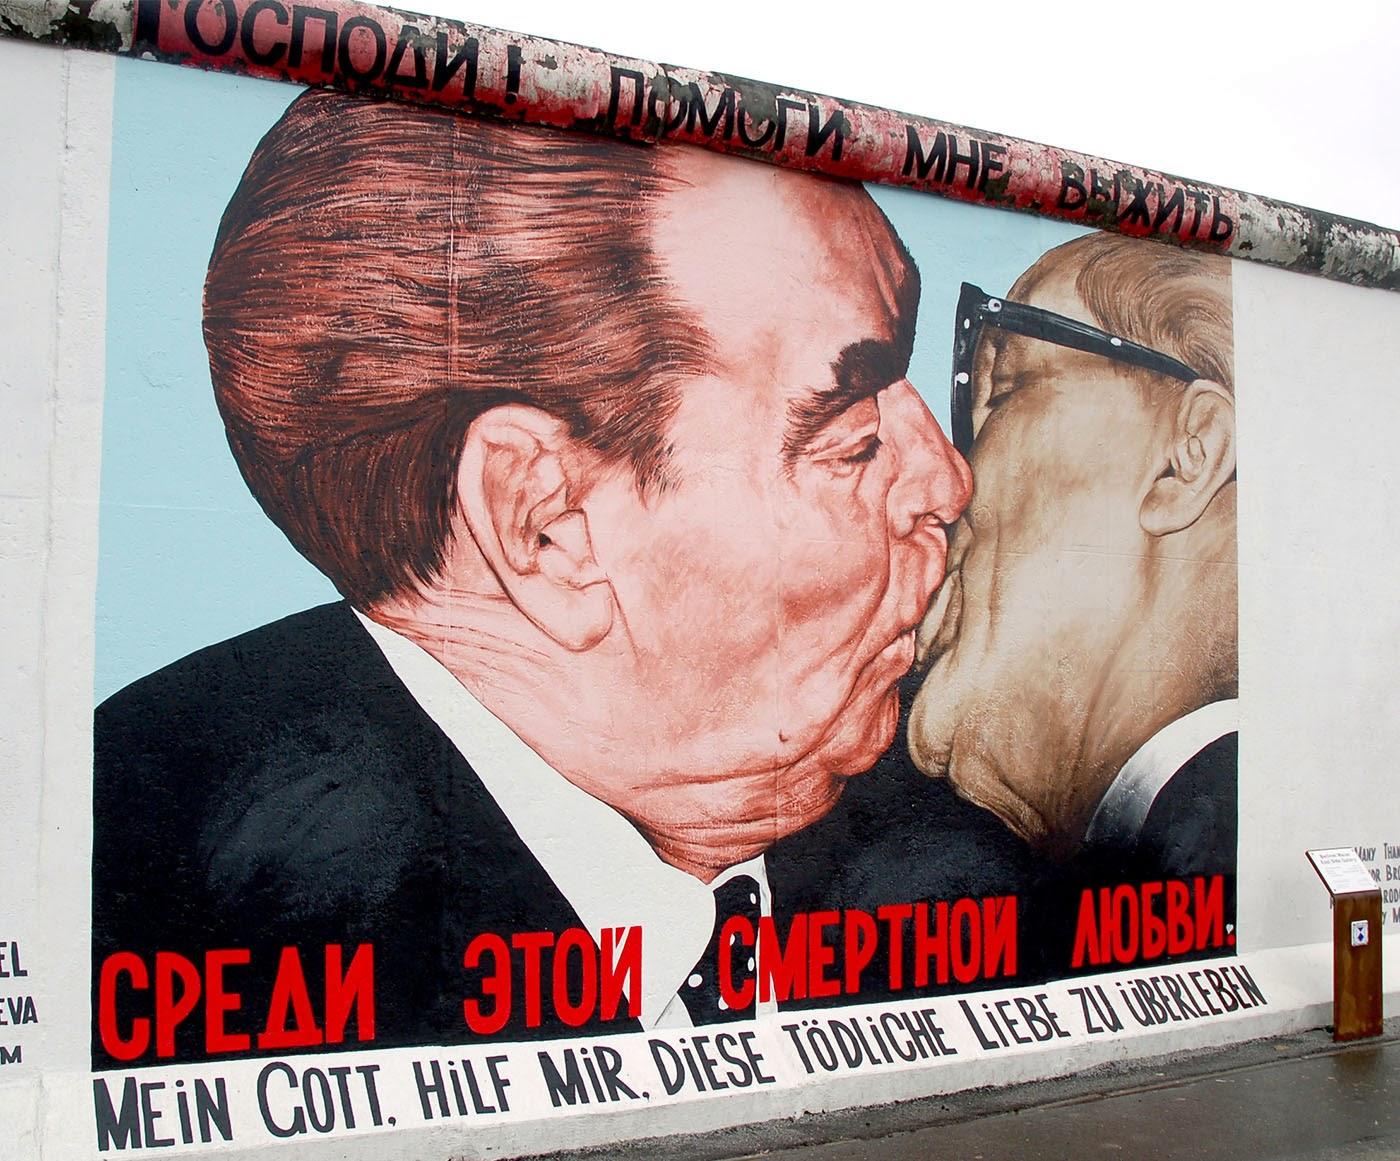 http://4.bp.blogspot.com/-TwLl-8GUbdw/UzDpR7Nnn_I/AAAAAAAAI2M/cWZ_9W9Fqs8/s1600/The+Socialist+Fraternal+Kiss+between+Leonid+Brezhnev+and+Erich+Honecker+1979+2.jpg